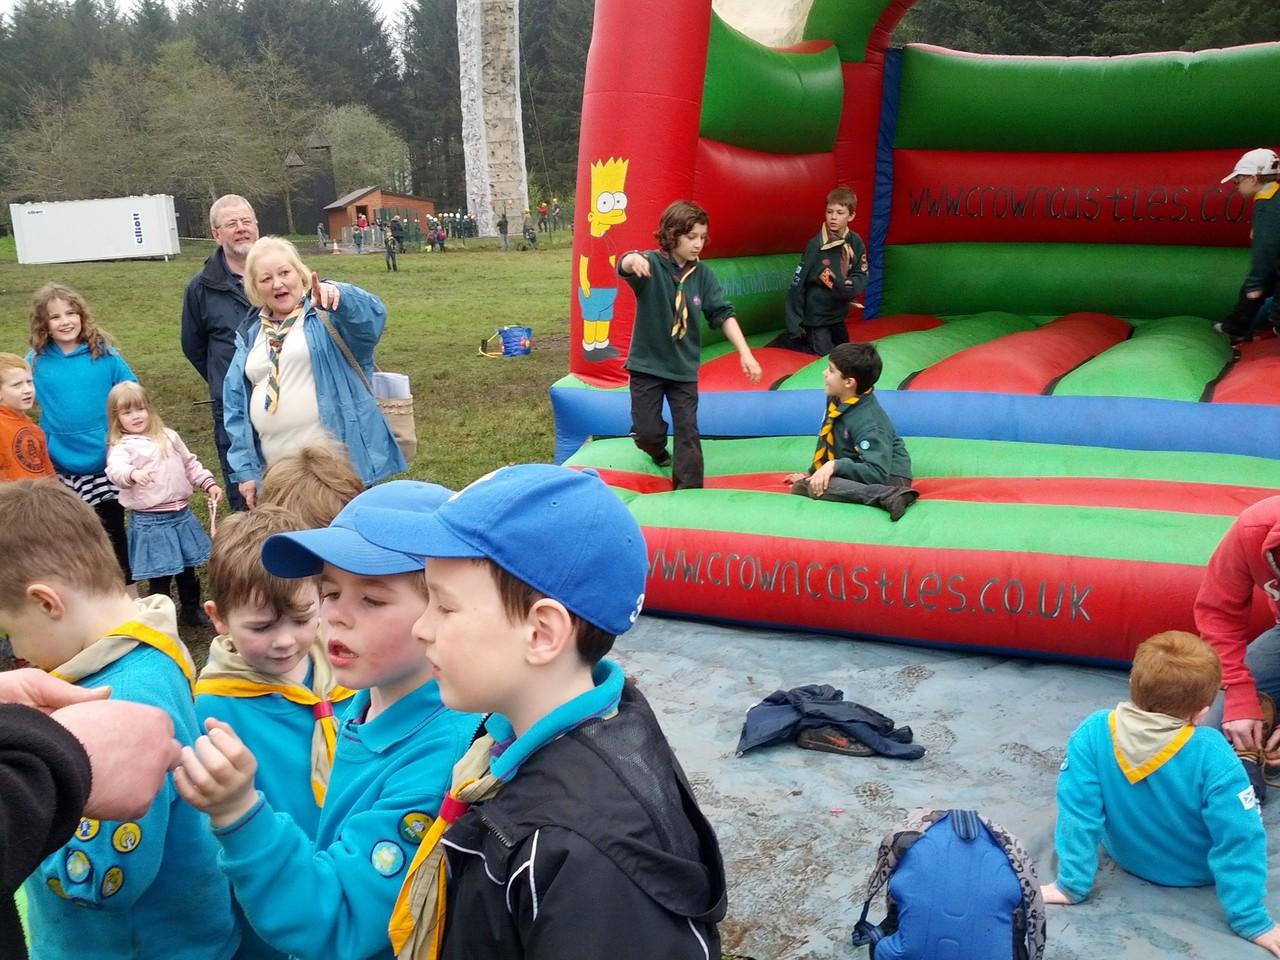 bouncy castle is always fun!